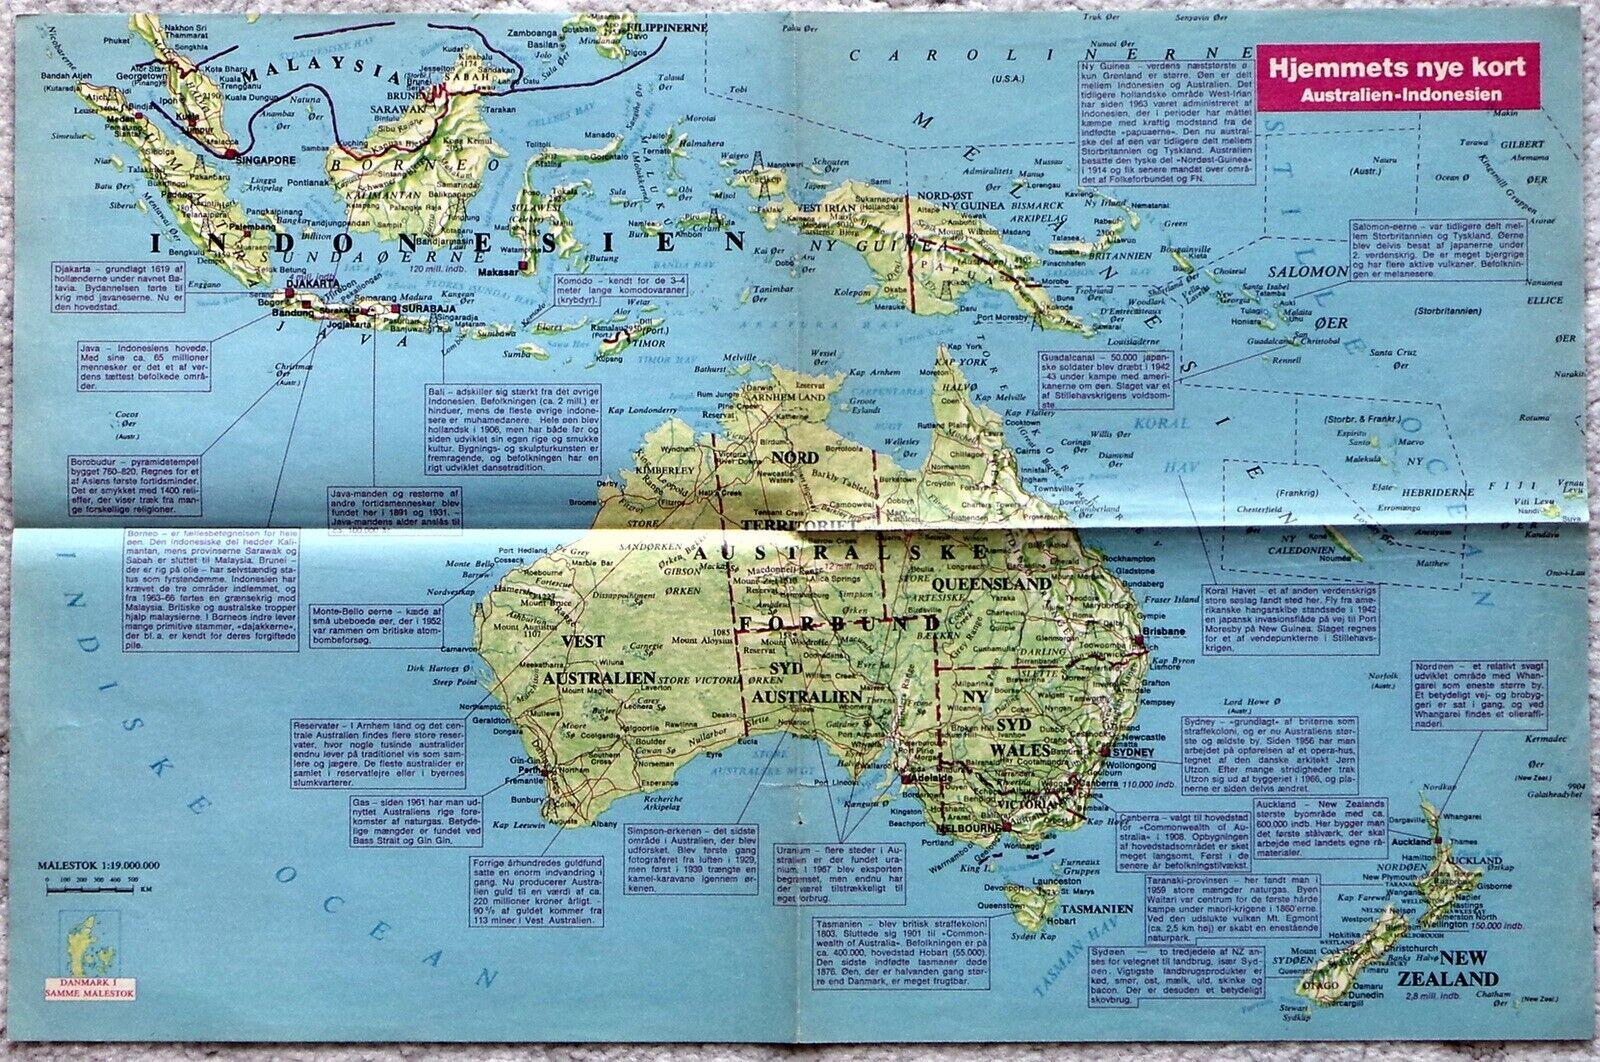 Landkort Kort Over Australien Dba Dk Kob Og Salg Af Nyt Og Brugt